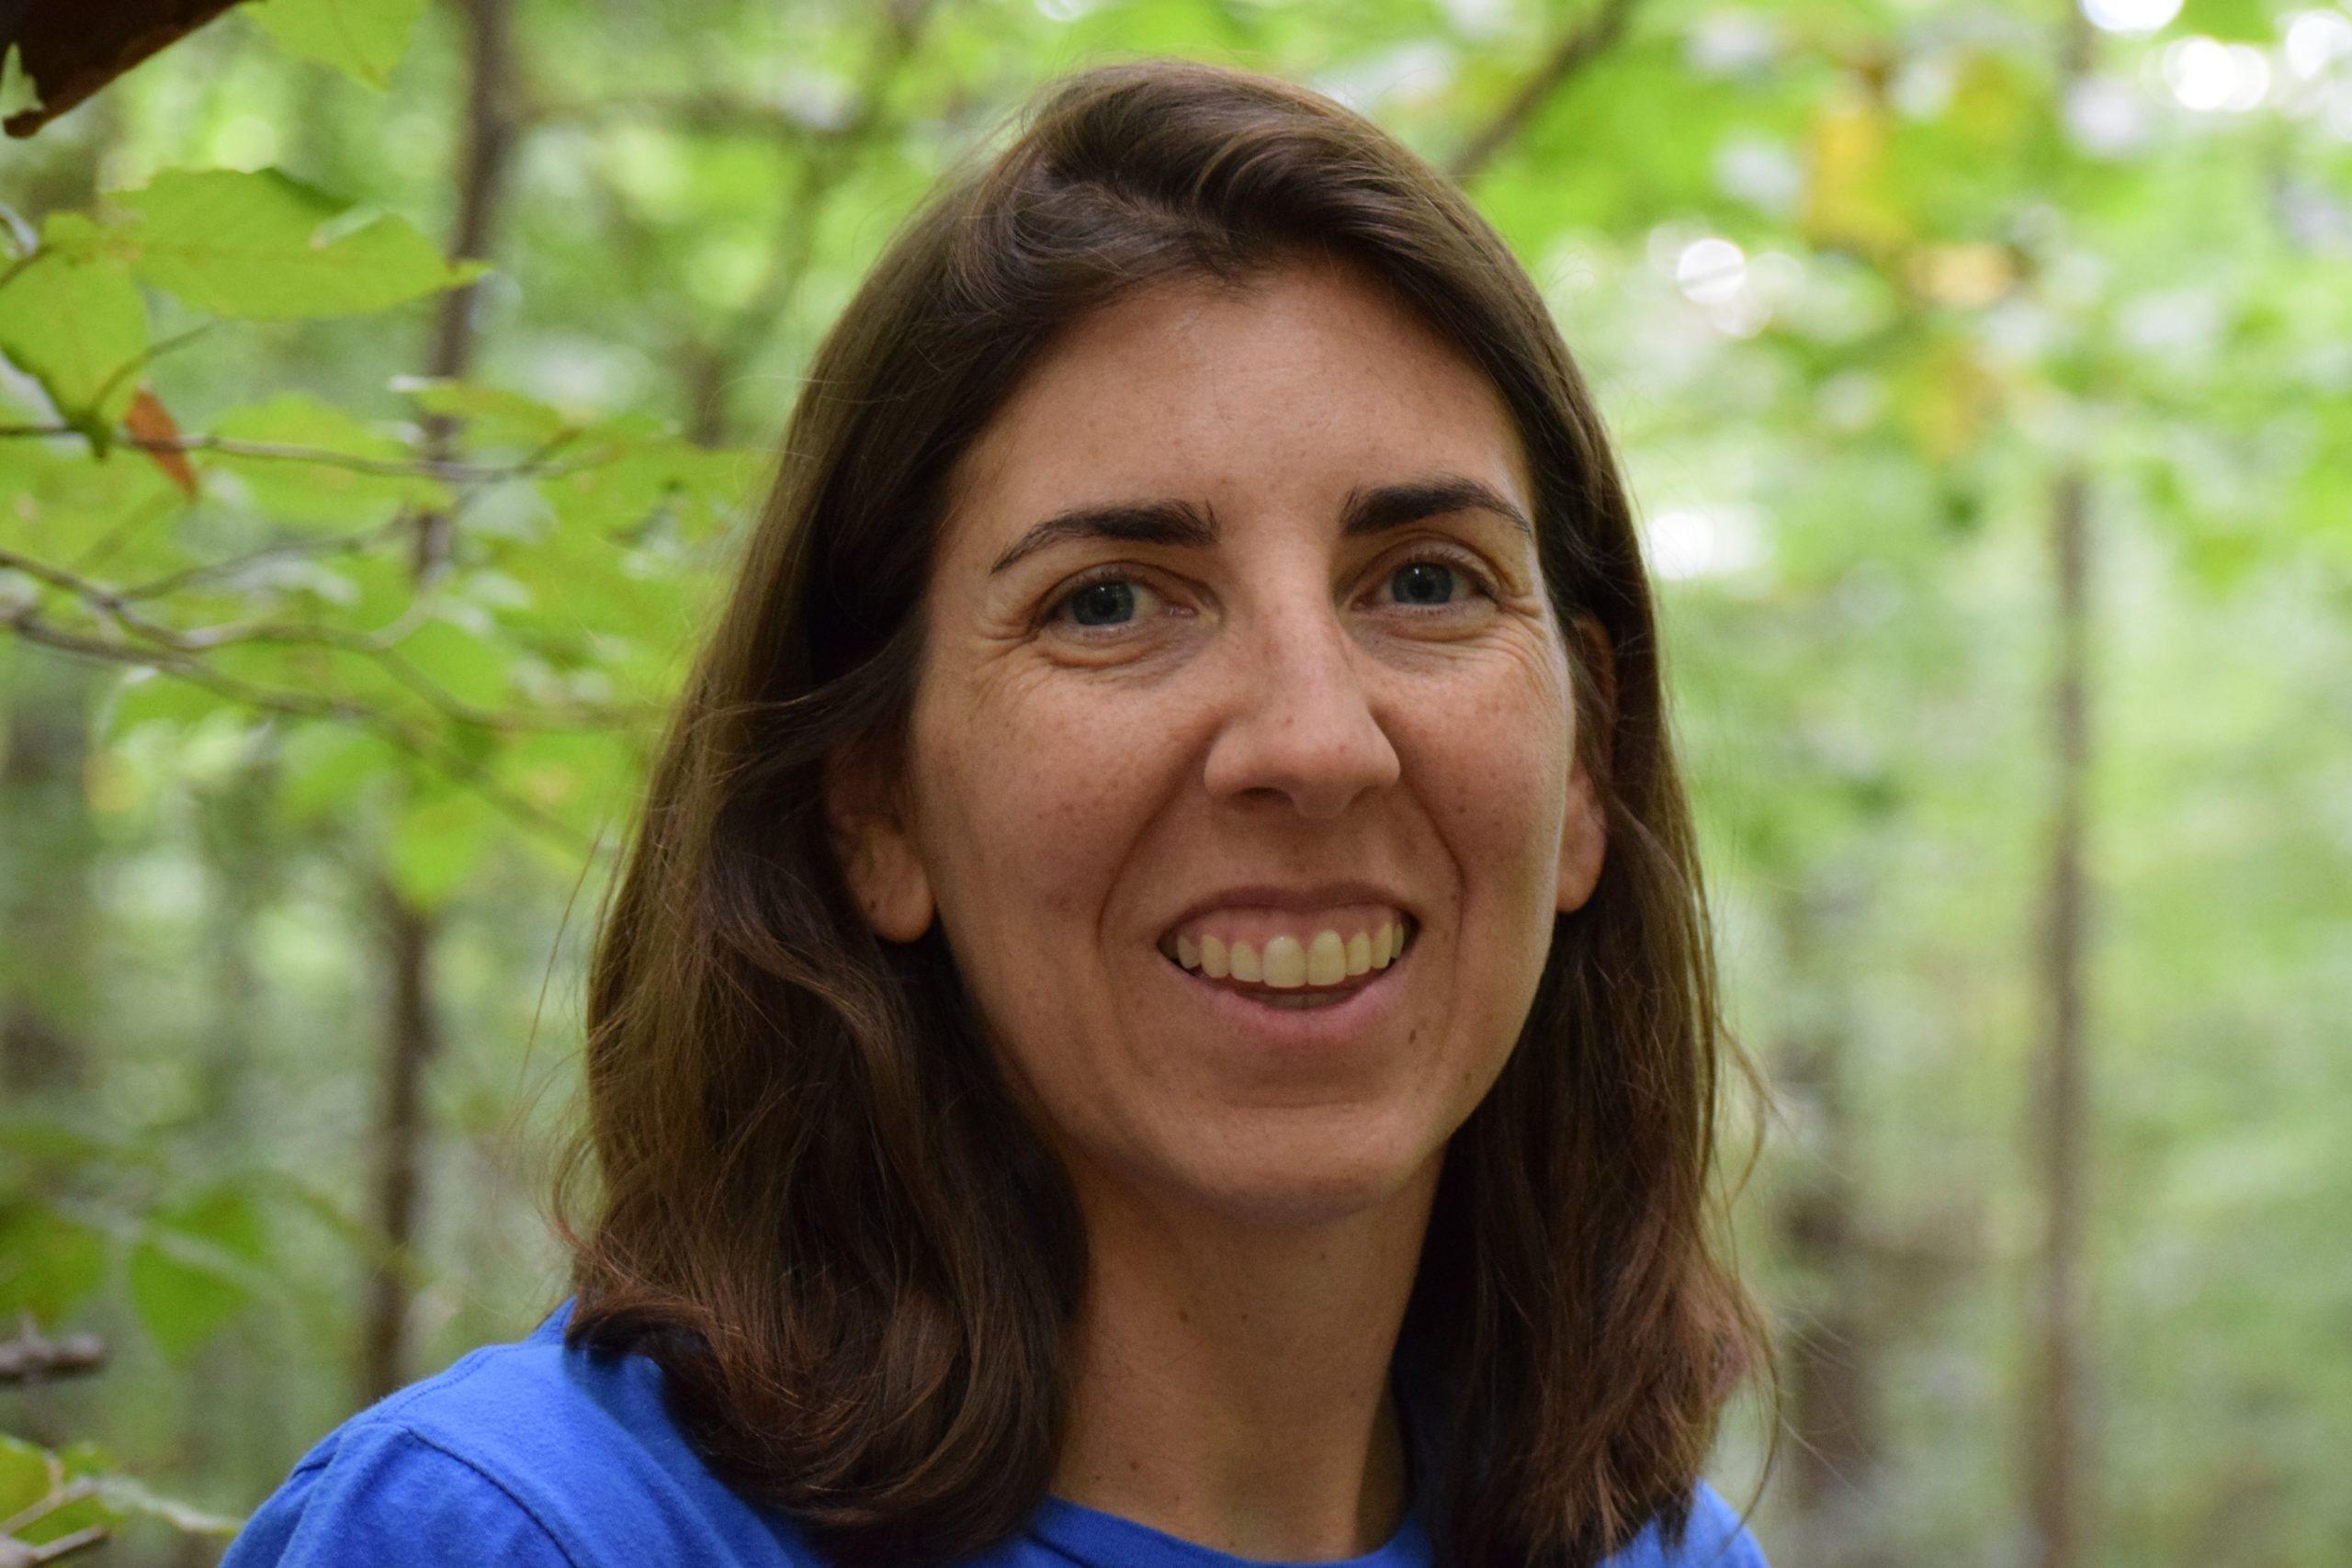 Anita Pritchett